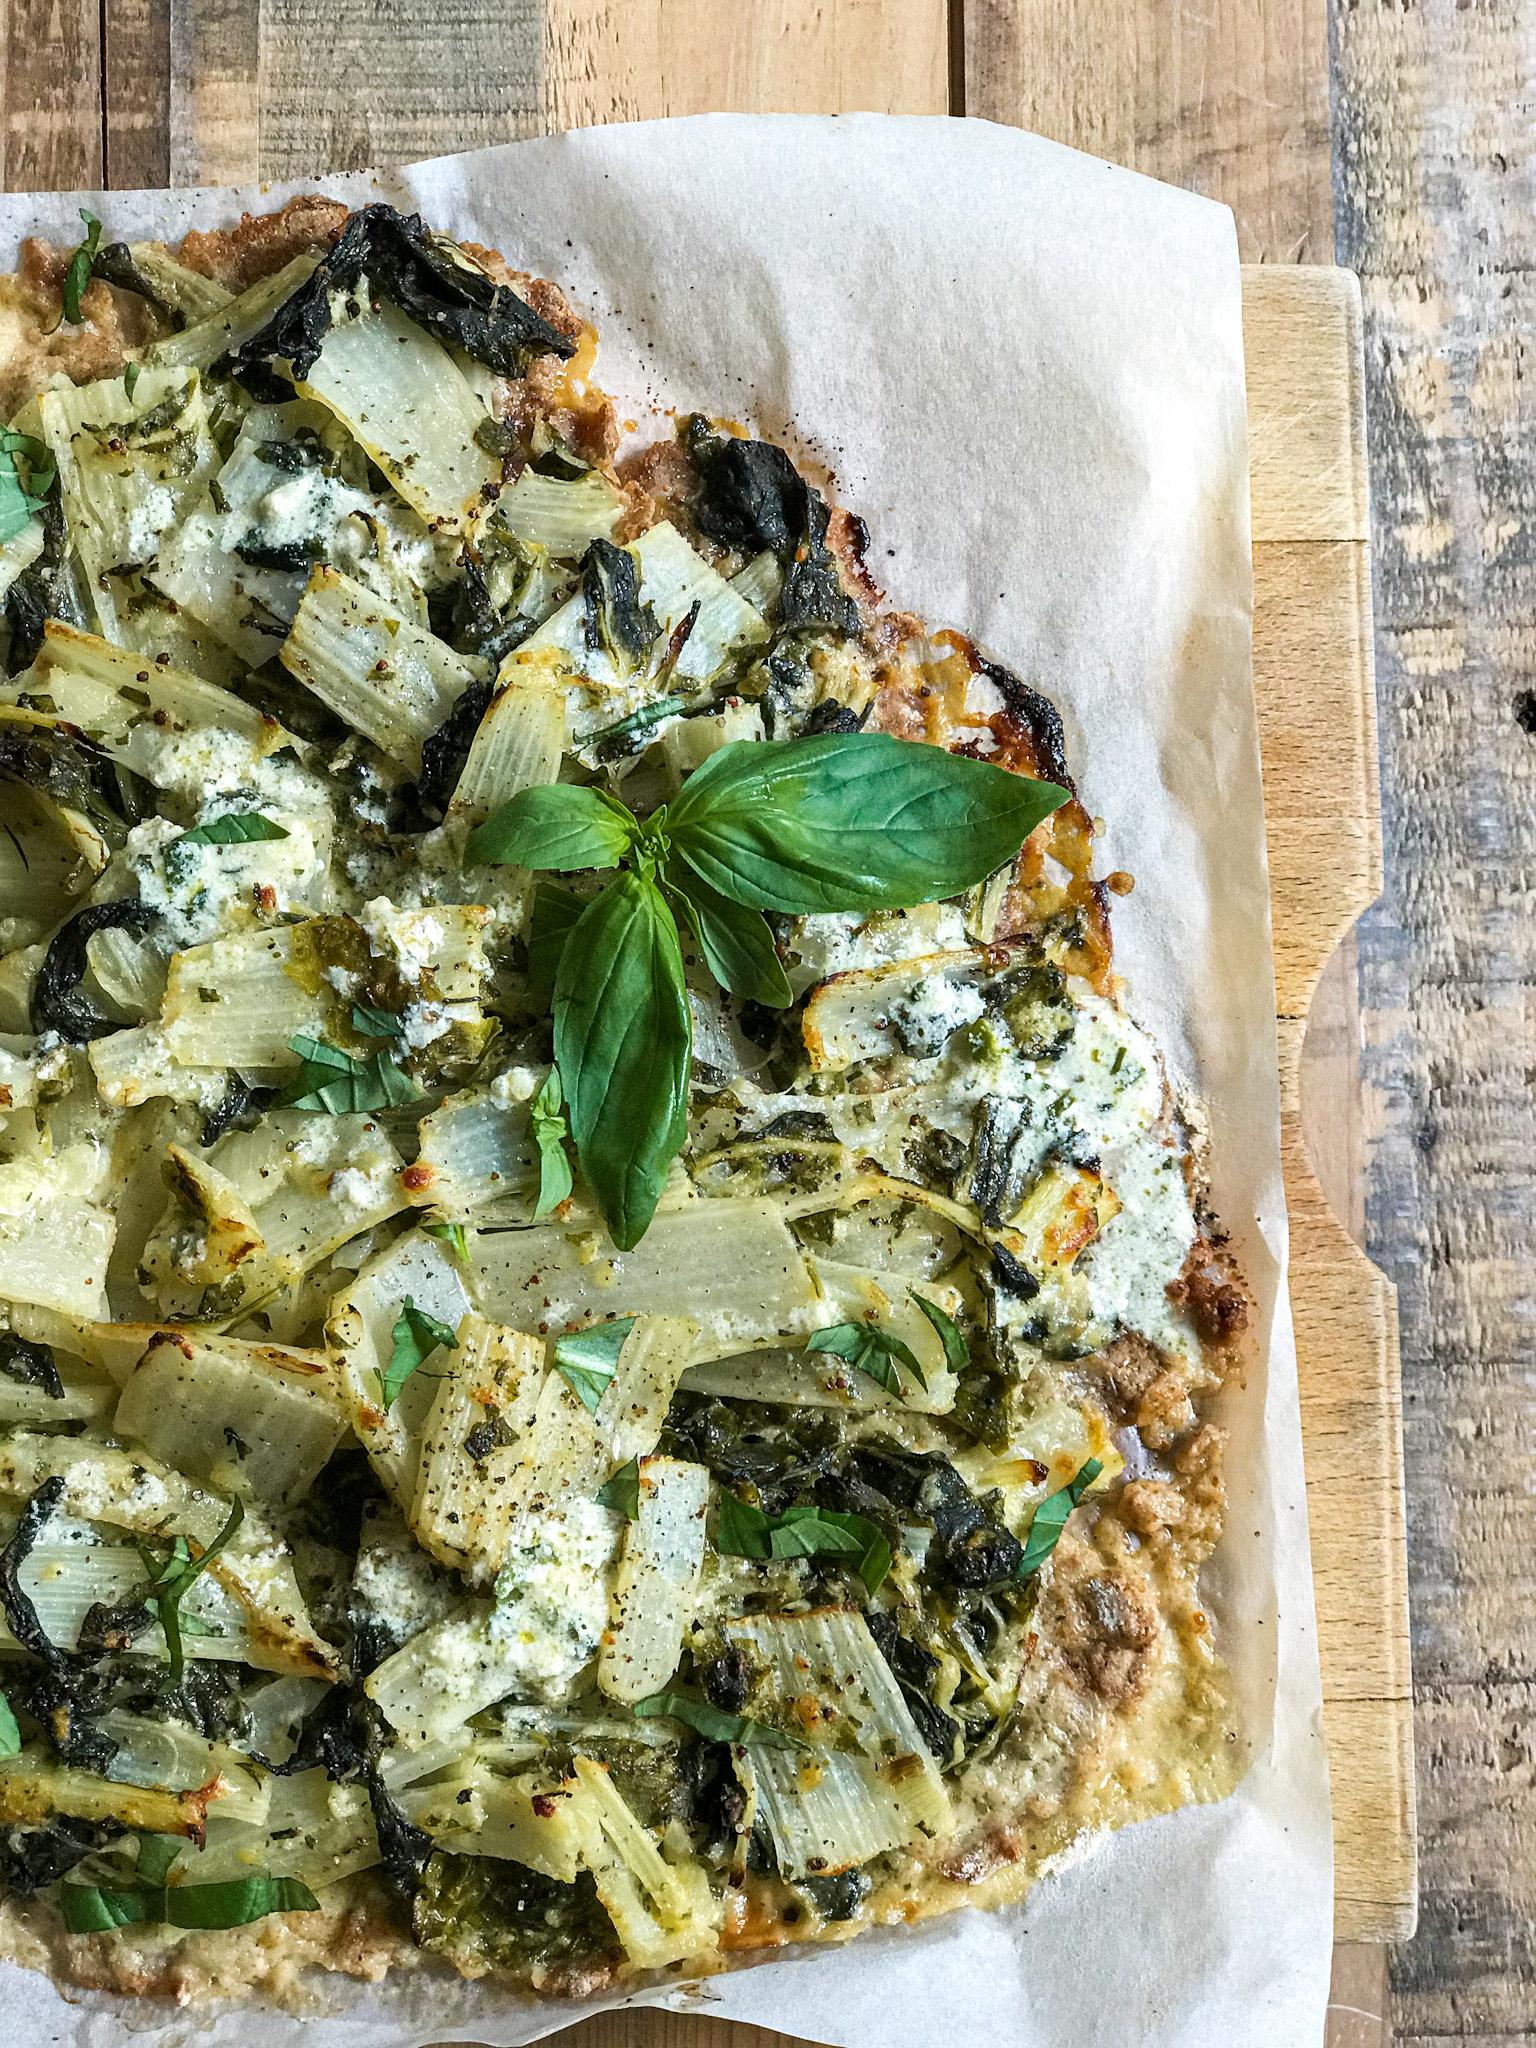 La cuisine facile et décomplexée des blettes, légumes pas si oubliés